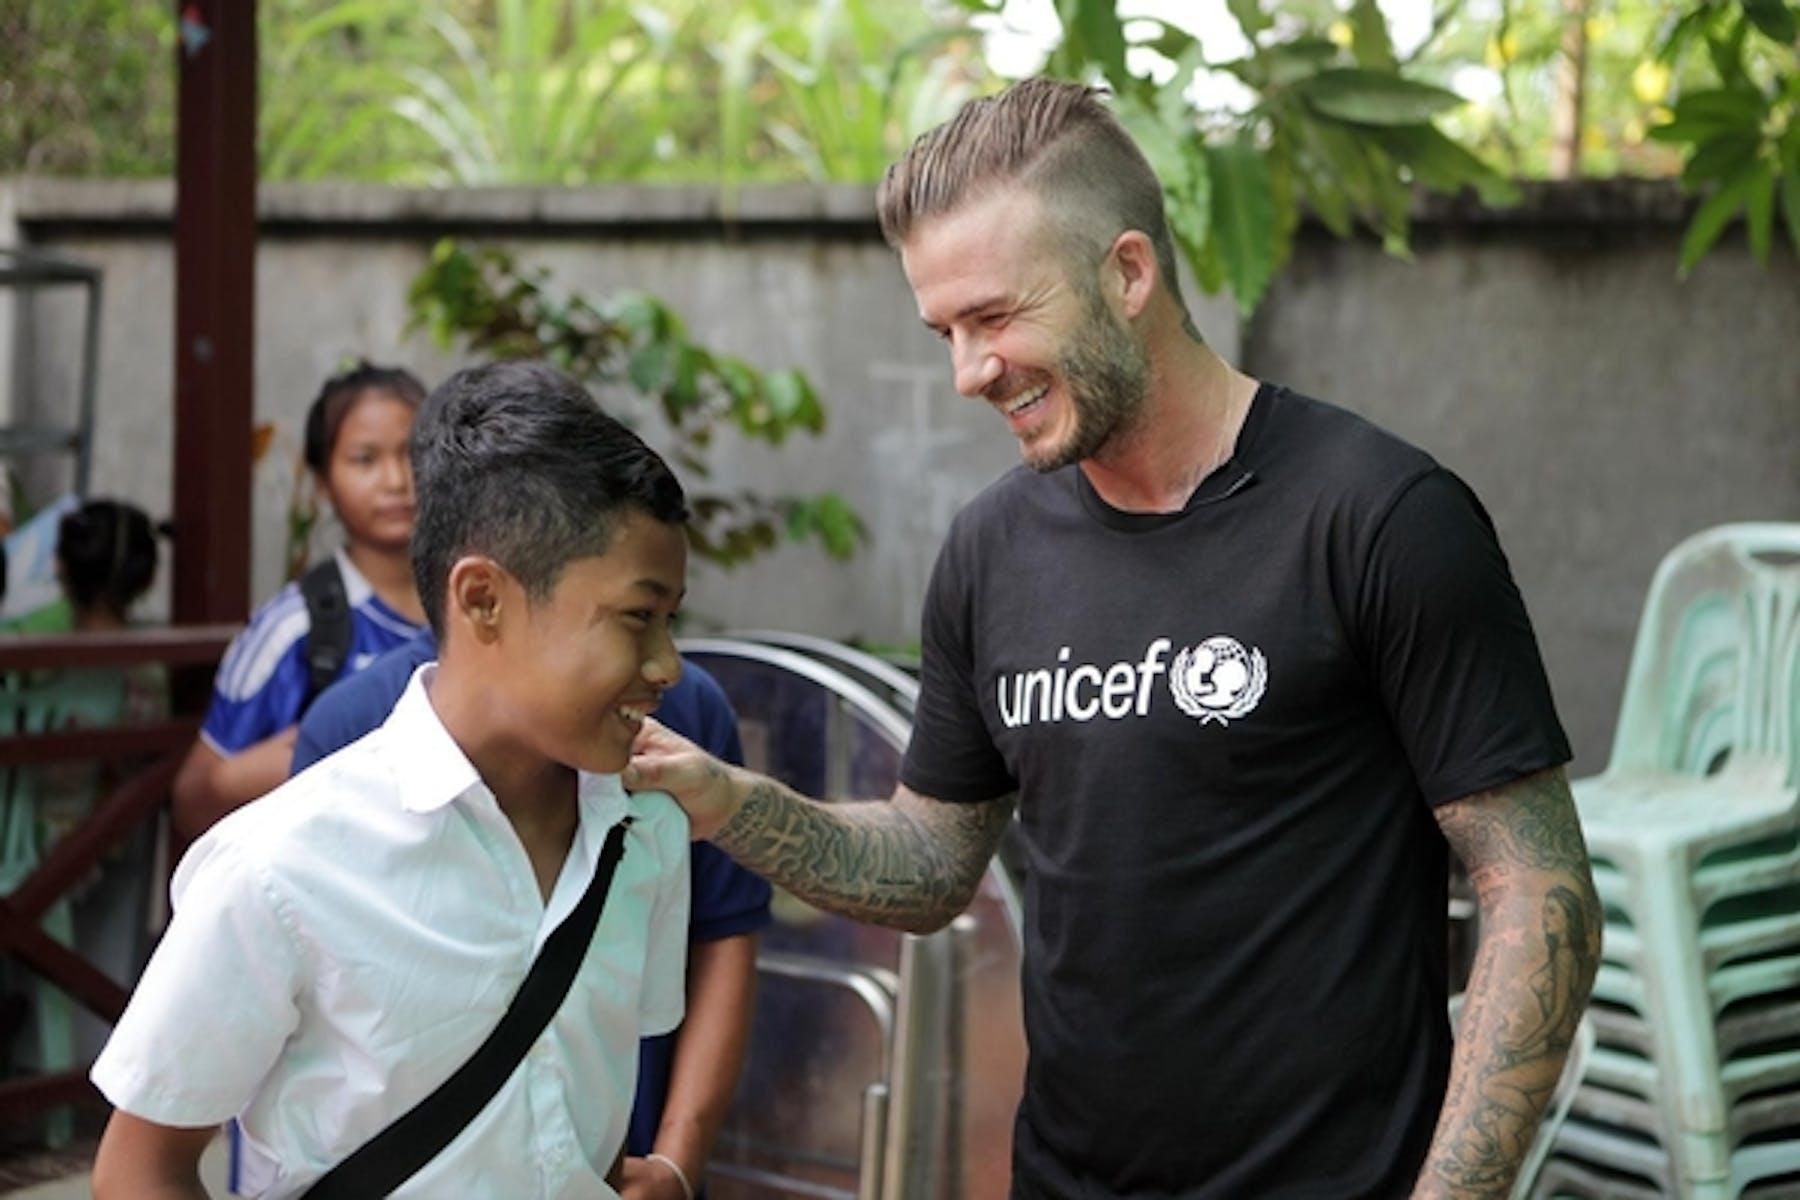 David Beckham incontra i bambini del centro per vittime di violenza di Siem Reap, in Cambogia, nel corso della sua missione con l'UNICEF - ©UNICEF UKLA/2015-0050/Irby